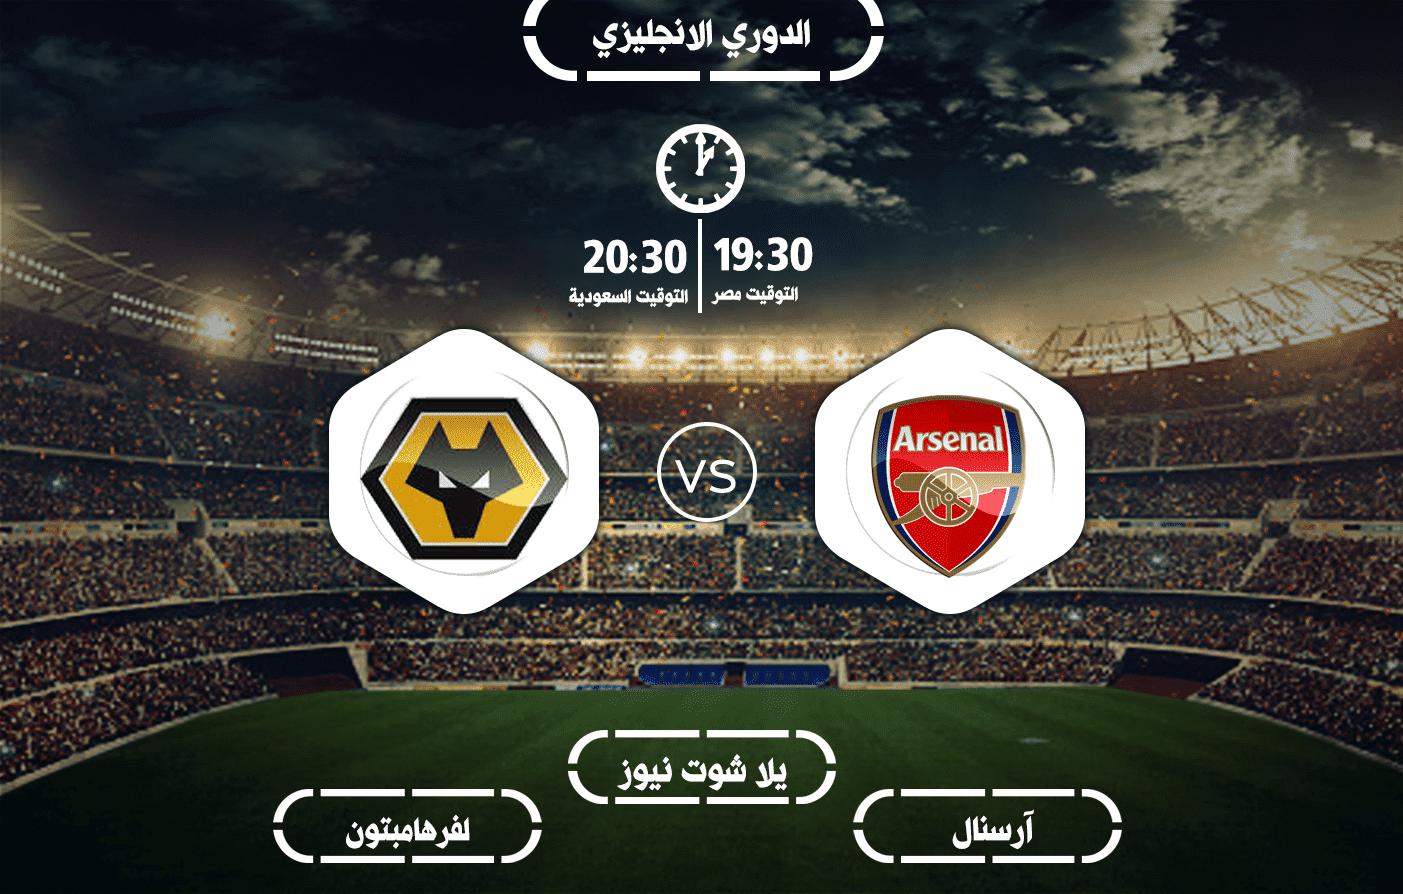 مشاهدة مباراة آرسنال ووولفرهامبتون اليوم بث مباشر 4-7-2020 في الدوري الانجليزي